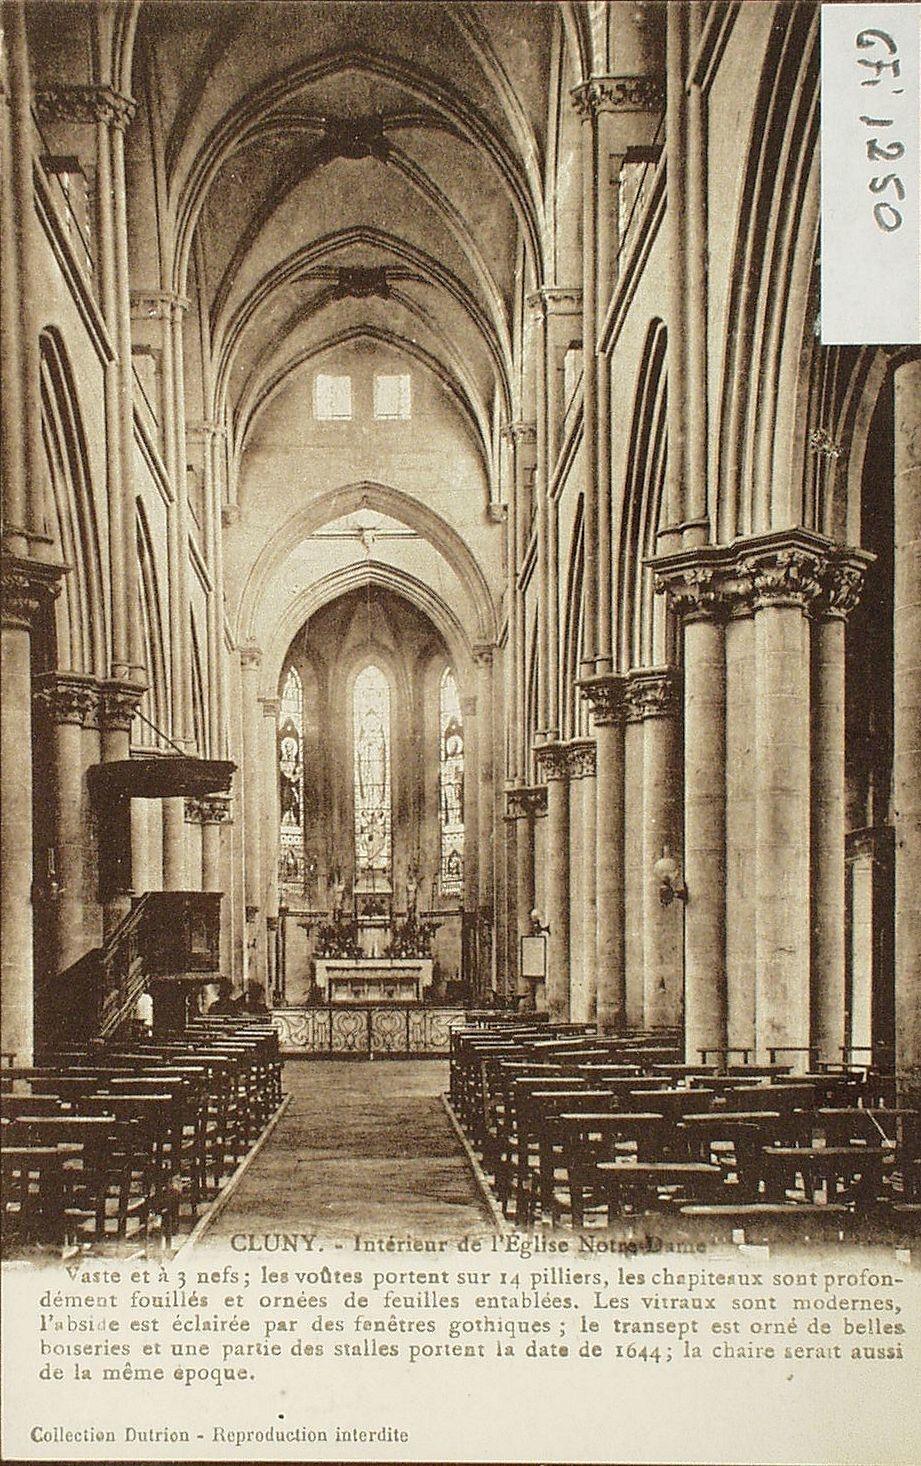 Cluny - Cluny. Intérieur de l'église Notre-Dame. Vaste et à 3 nefs   les voûtes portent sur 14 piliers, les chapiteaux sont profondément fouillés et ornés de feuilles entablées. Les vitraux sont modernes, l'abside est éclairée par des fenêtres gothiques   le transept est orné de belles boiseries et une partie des stalles portent la date de 1644   la chaire serait aussi de la même époque.